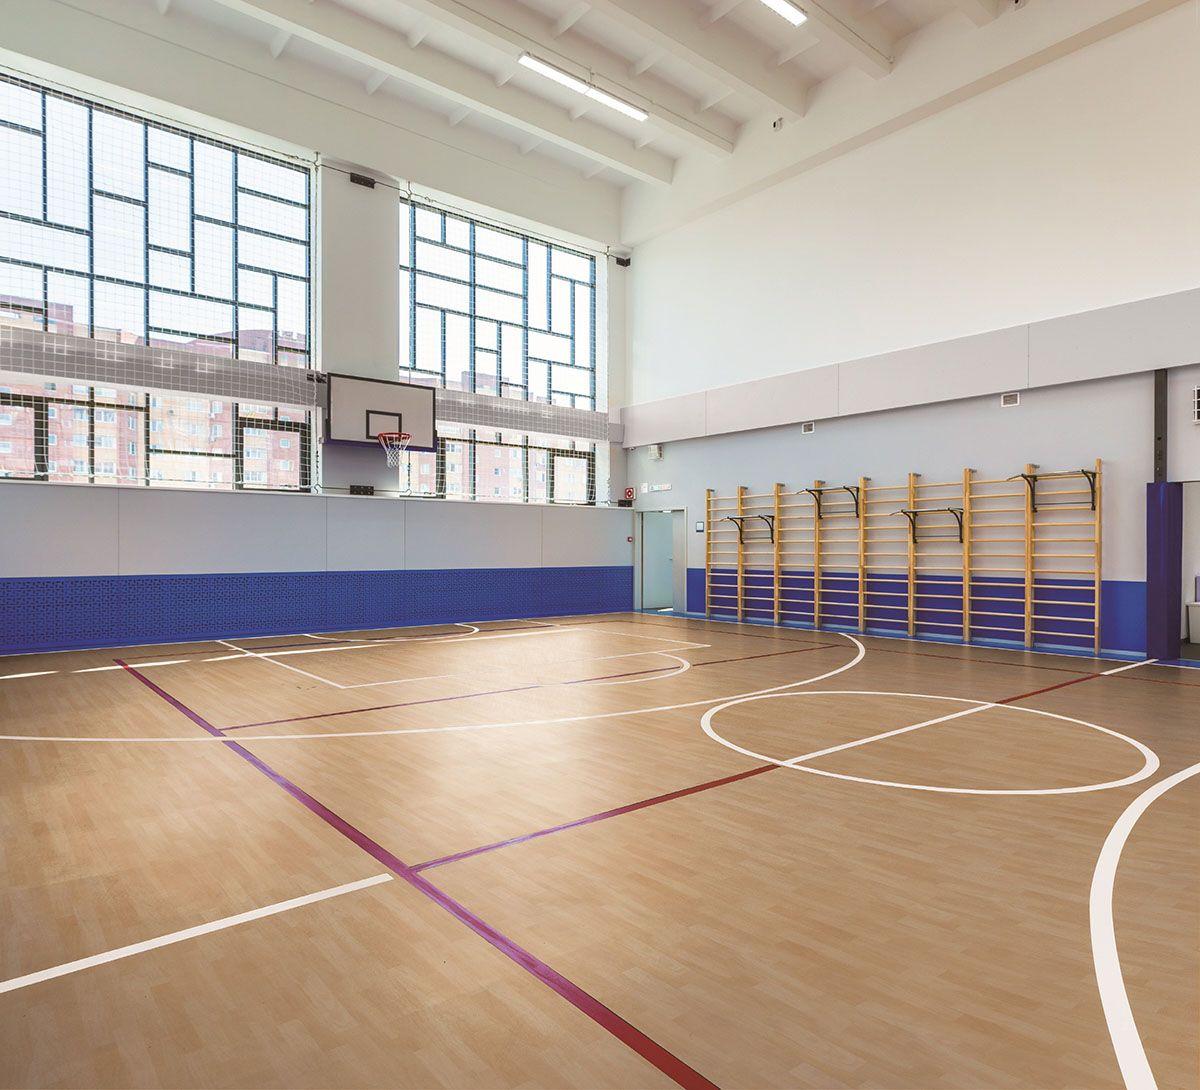 Sports Flooring Indoor Basketball Court In 2020 Commercial Flooring Indoor Basketball Court Gym Flooring